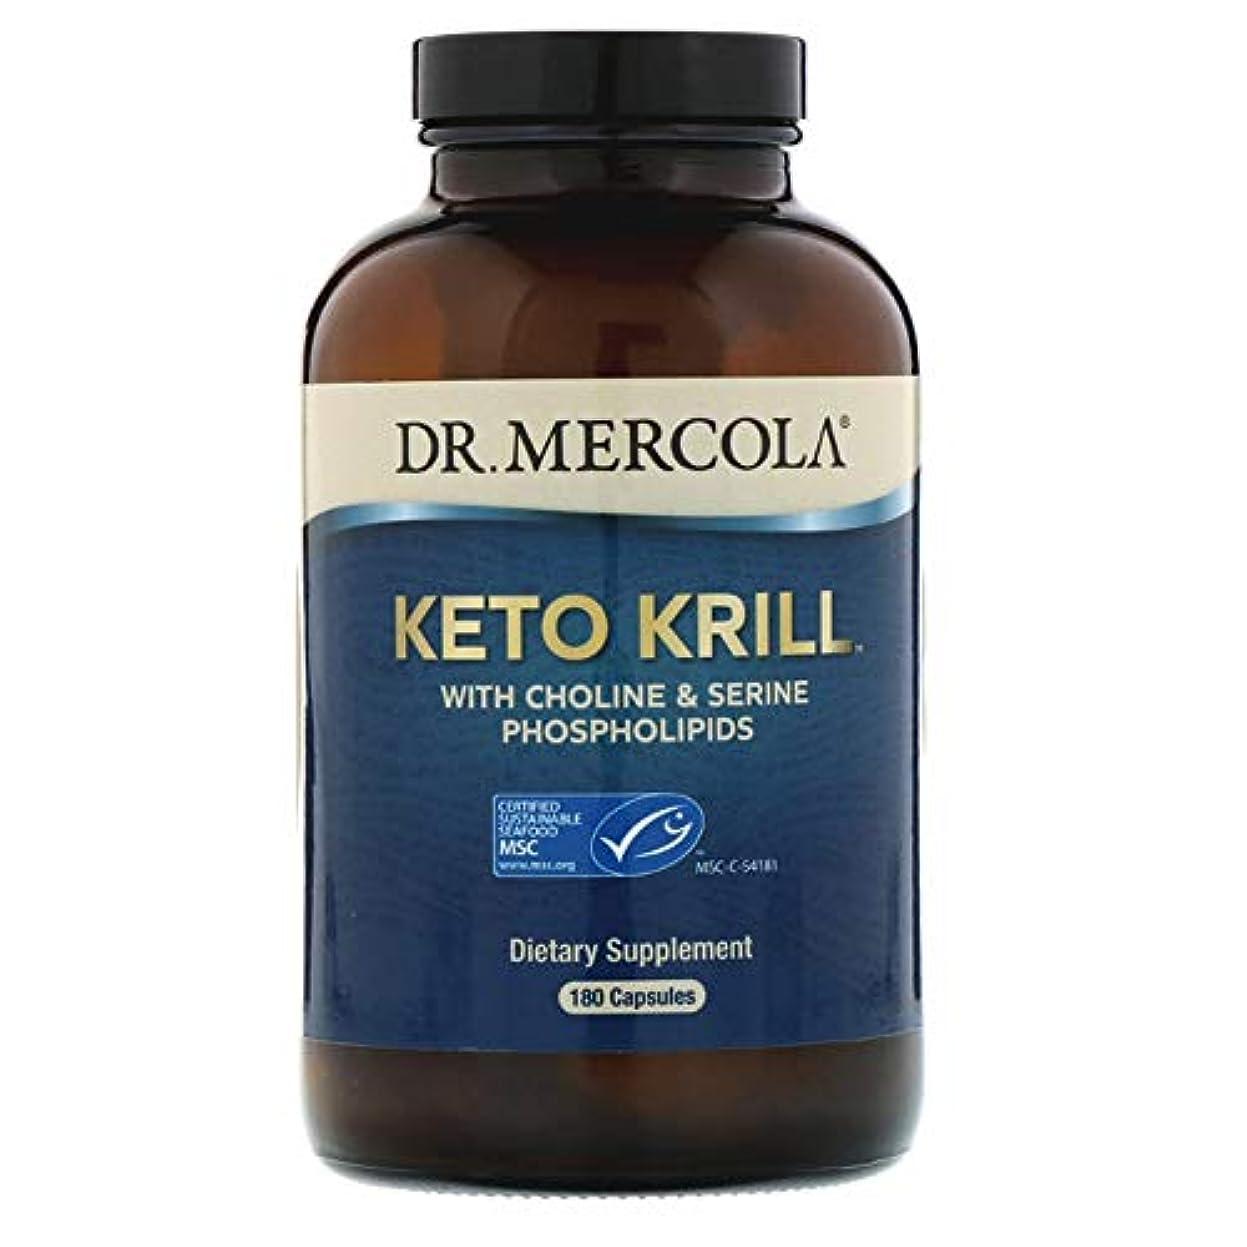 袋たくさんのライフルDr Mercola ケトオキアミ コリン セリンリン脂質配合 カプセル 180粒 【アメリカ直送】